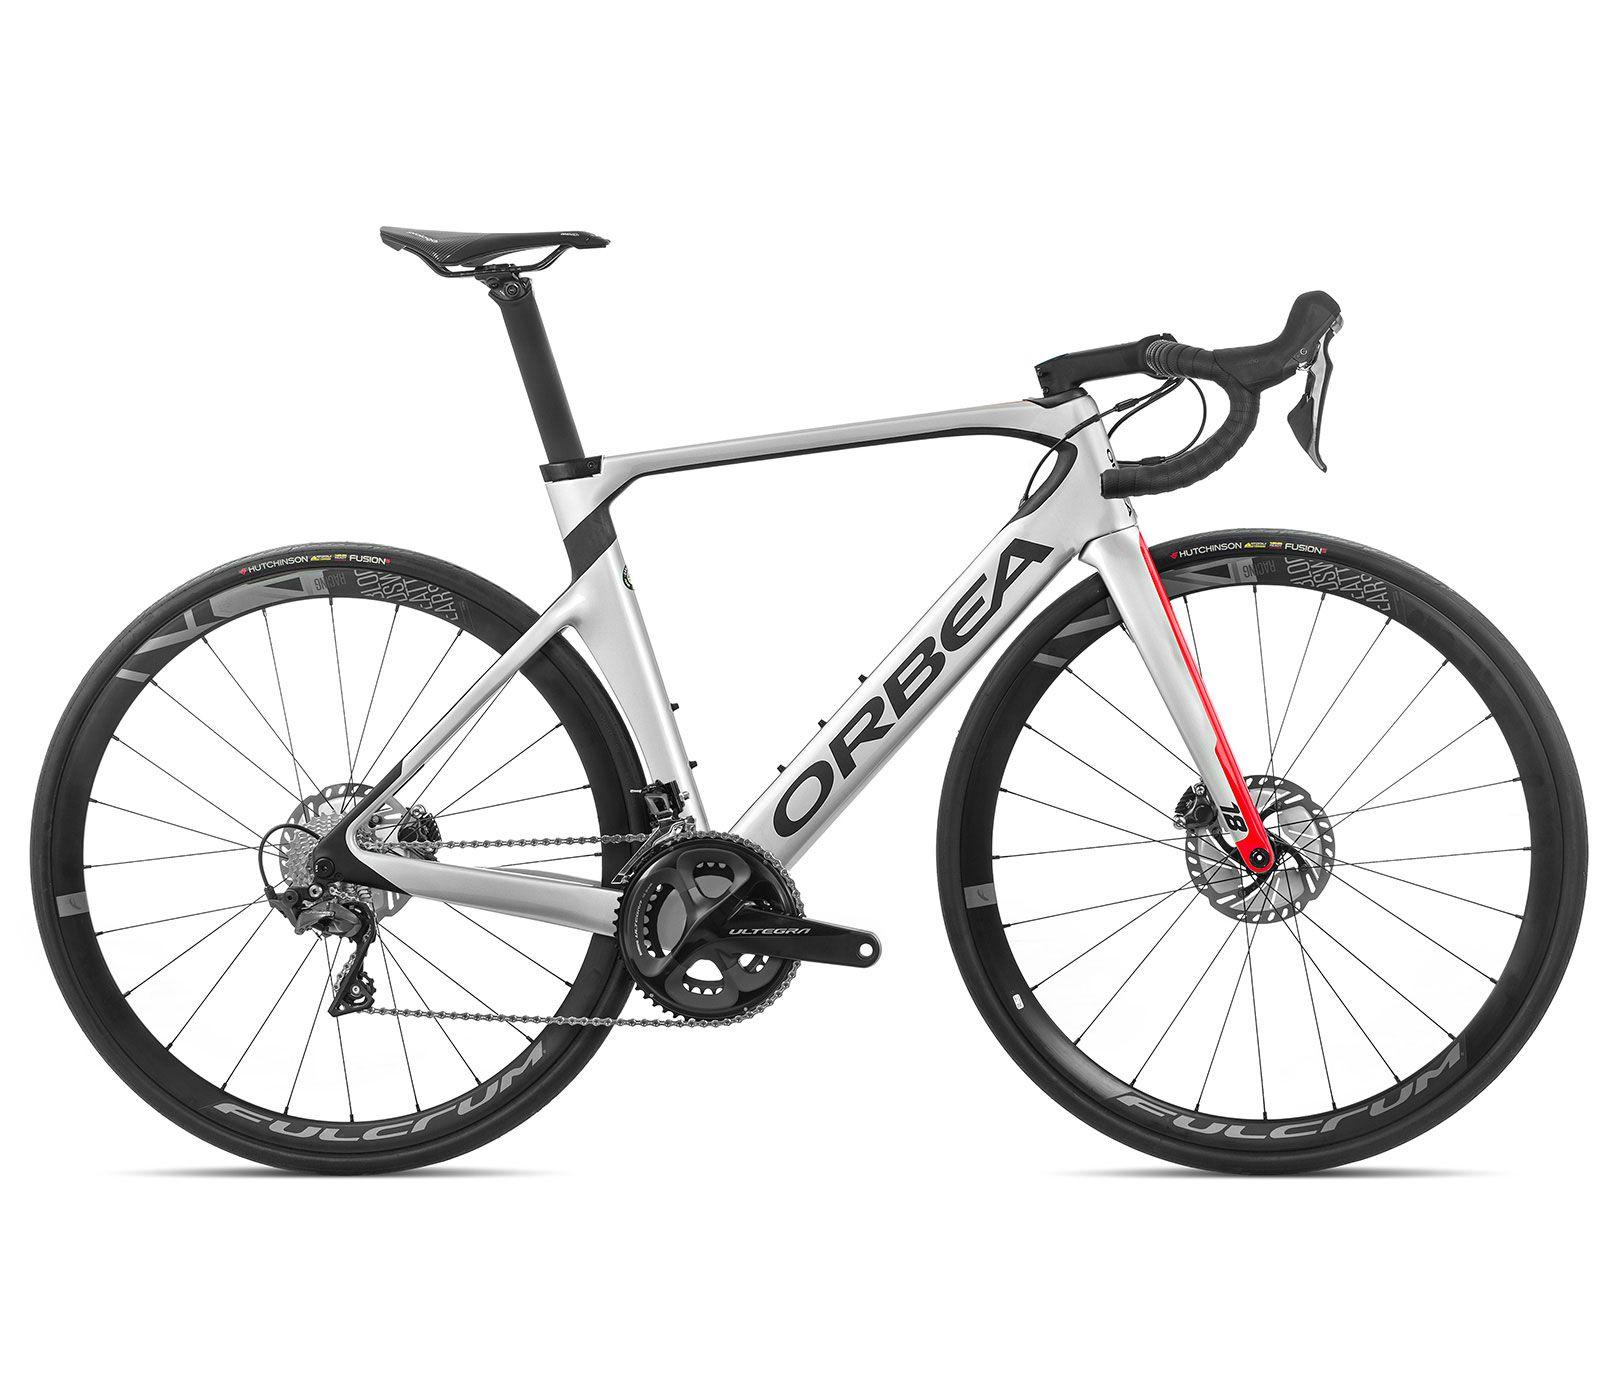 Bicicleta estrada Orbea Orca AERO M20 TEAM-D Tam 53 Prata/Verm - 2020